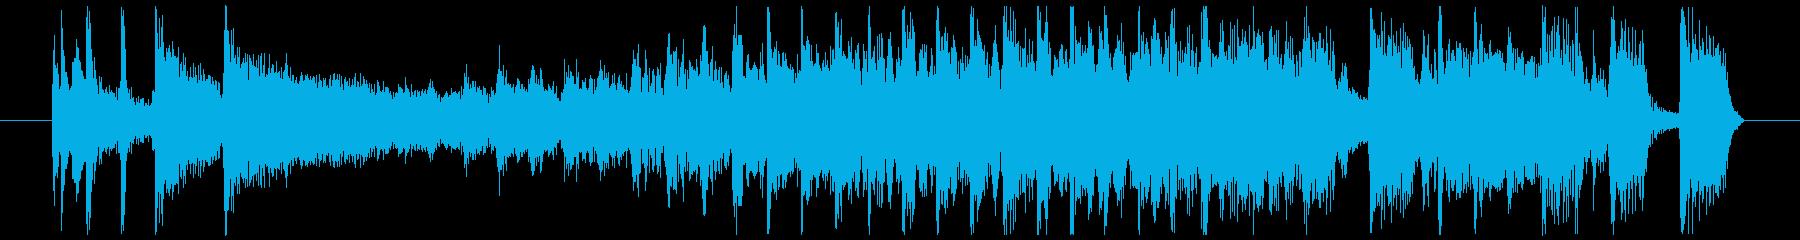 ワイルドなブルージーロックBGM 12秒の再生済みの波形